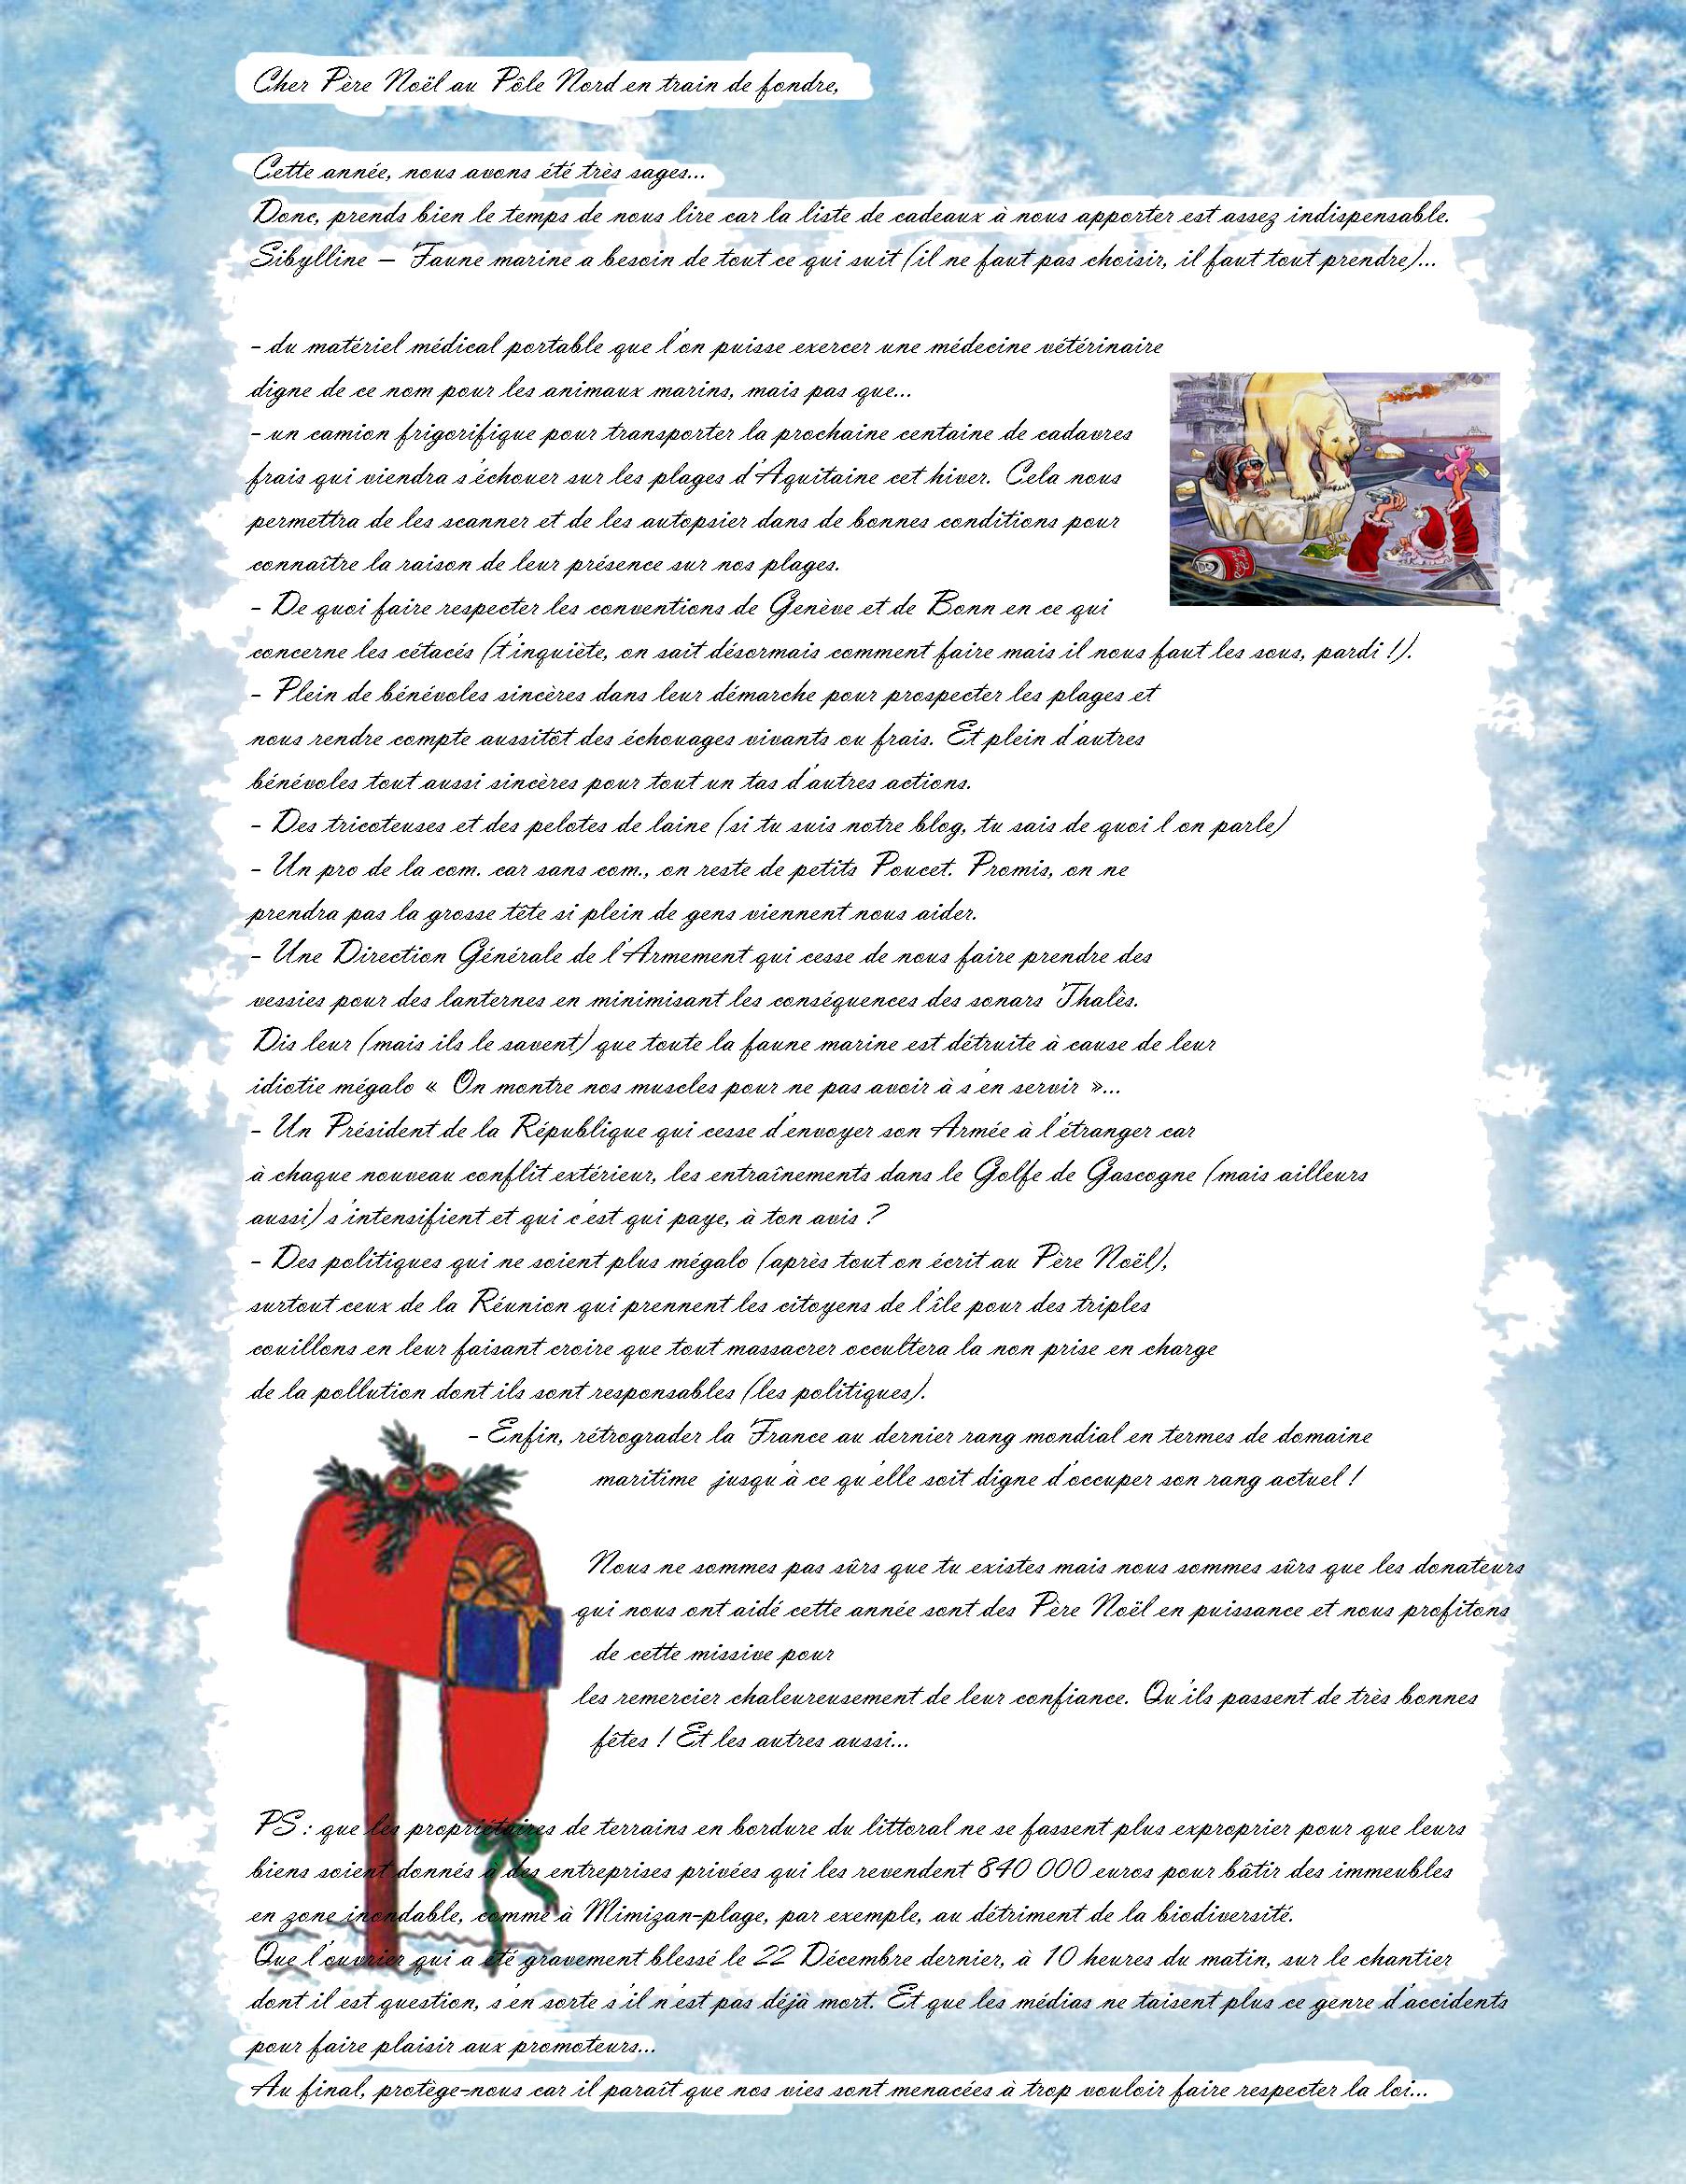 Lettre Au Pere Noel Du Pole Nord Qui Fond Pole Nord